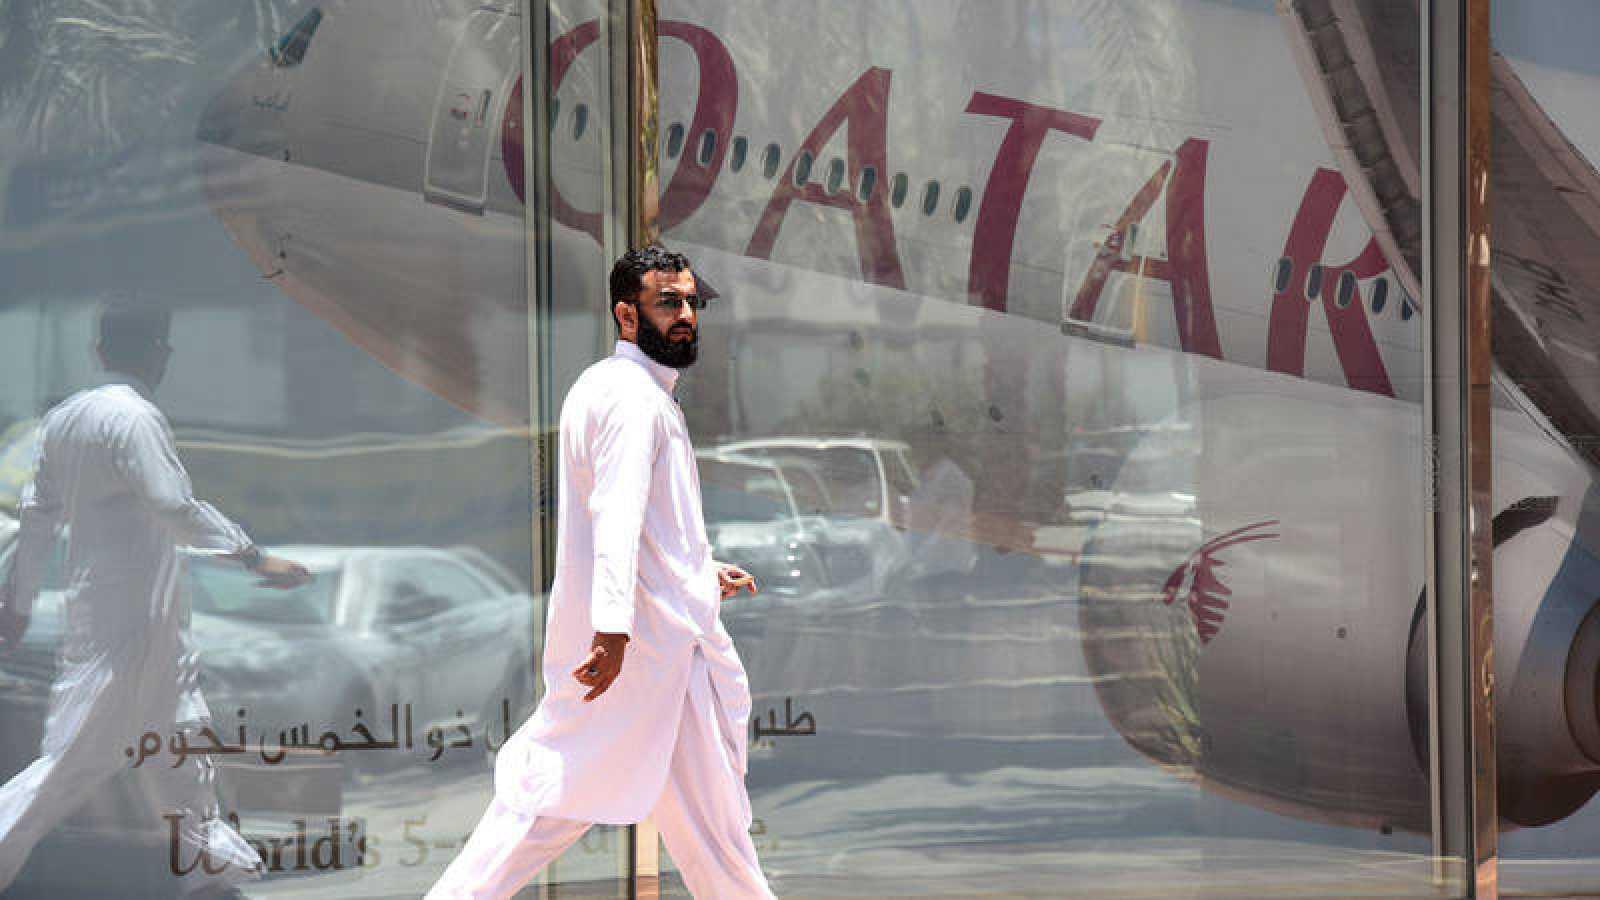 Un hombre camina delante de un avión de Qatar Airways en la capital saudí, Rihad.